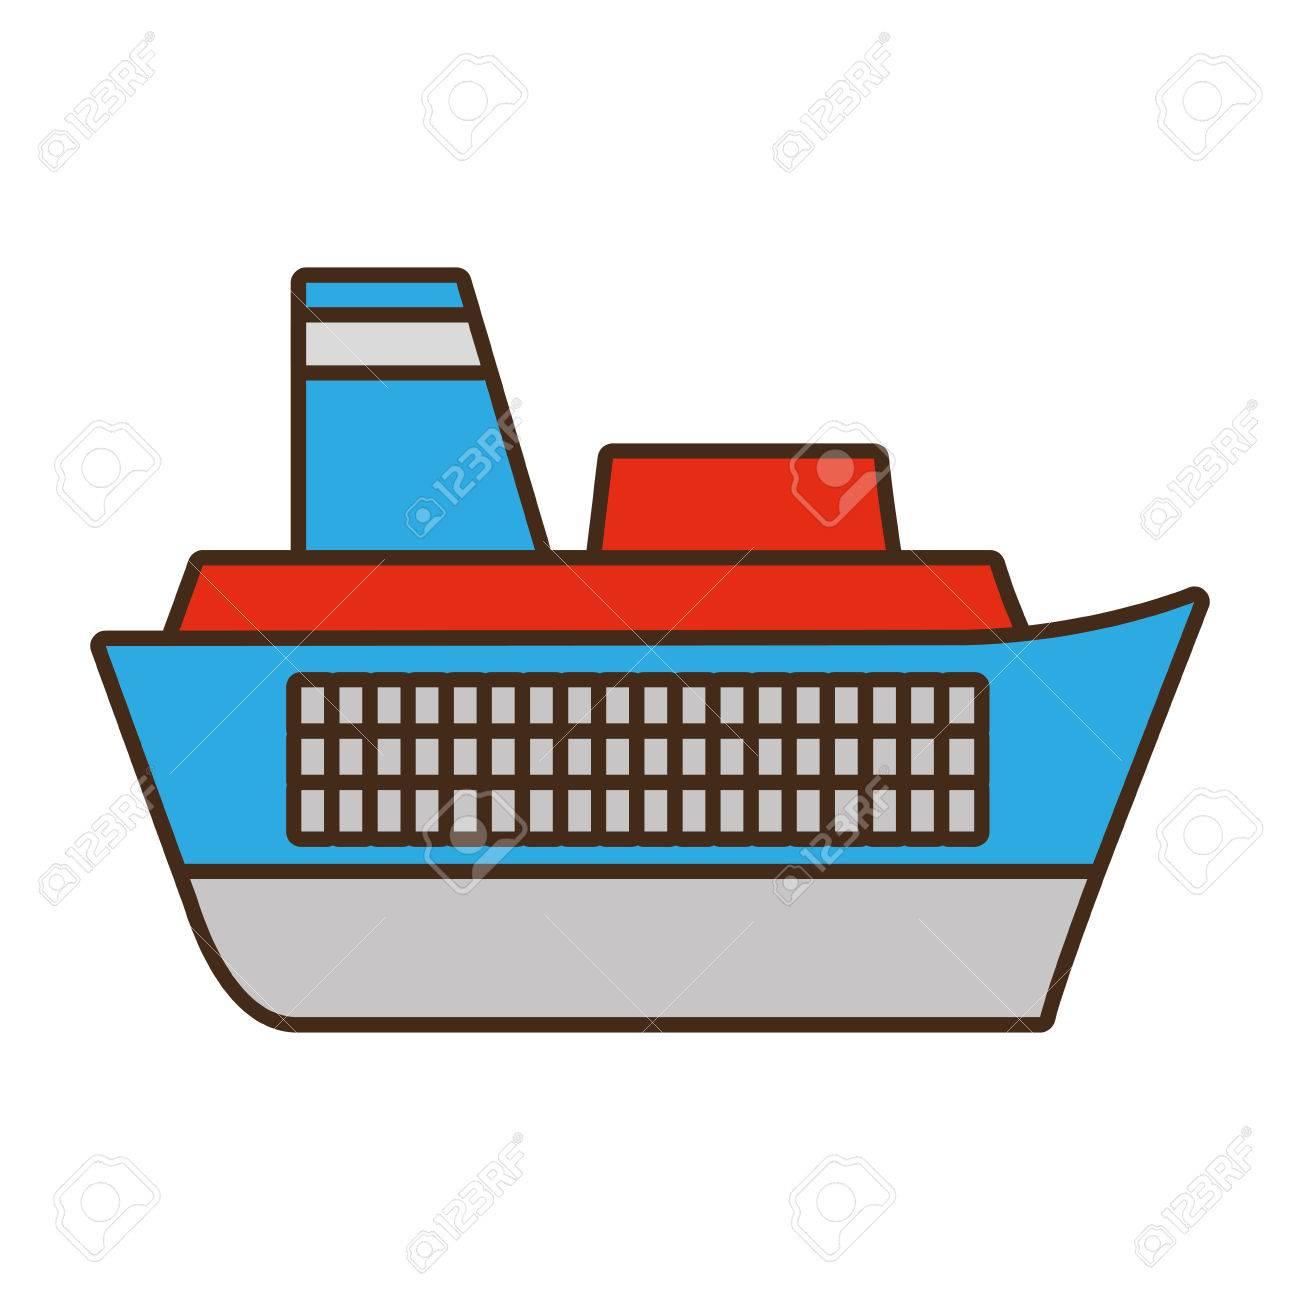 Caricatura Barco Viaje Marítimo Vector Ilustración Eps 10